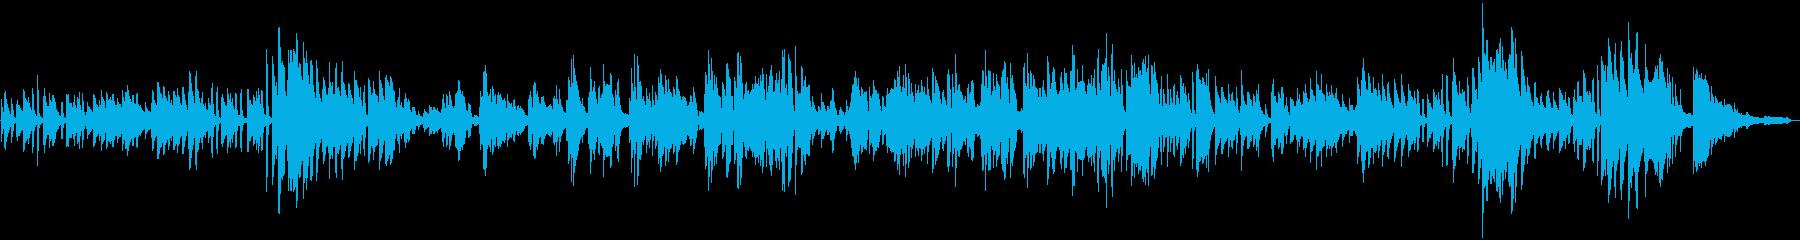 ジャズ お洒落 バックグラウンド ...の再生済みの波形